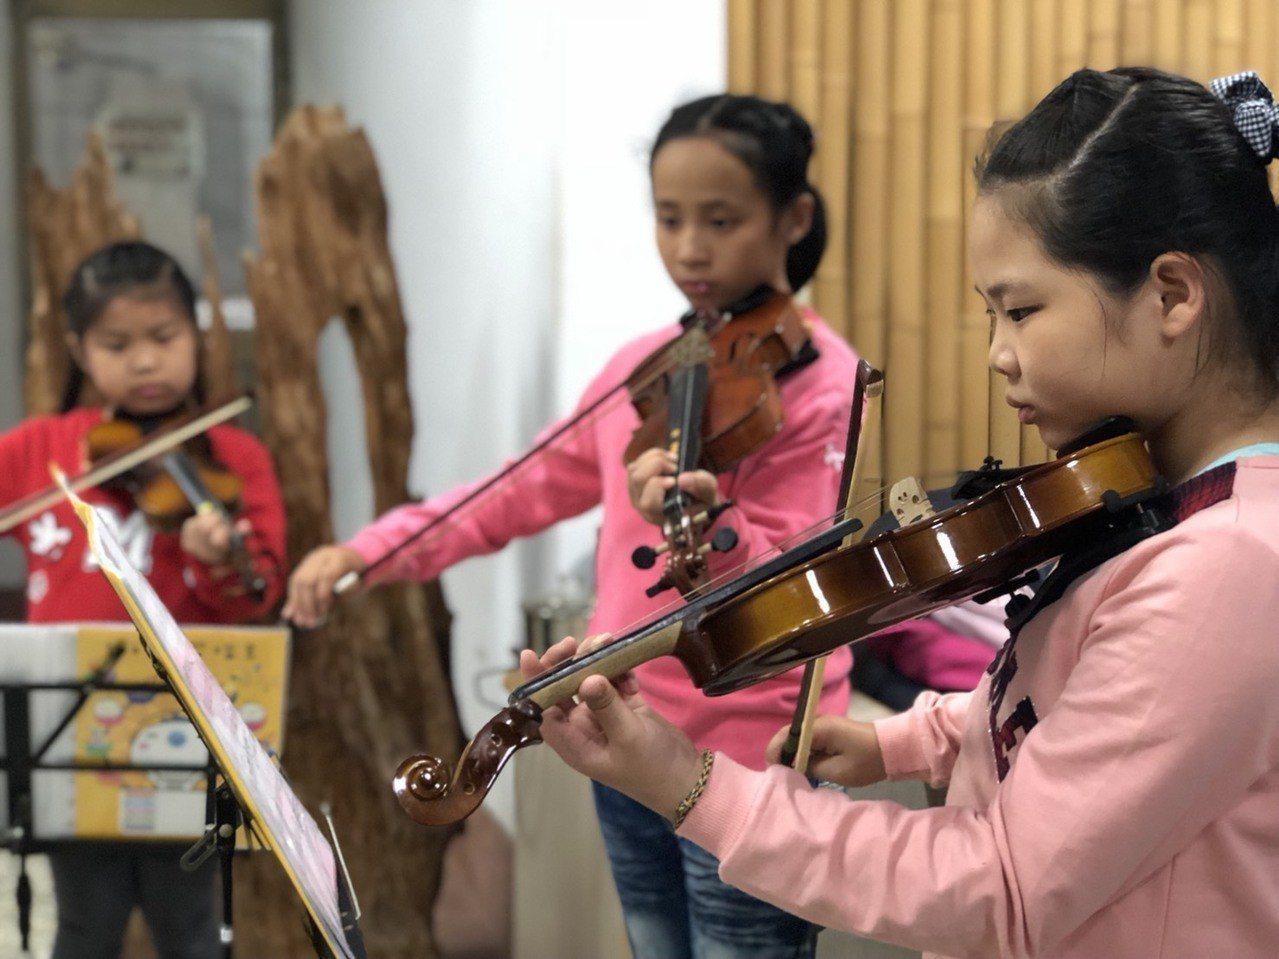 嘉義縣大埔鄉孩子珍惜學習小提琴機會,自動自發的學習態度讓音樂老師曾彥學相當感動。...